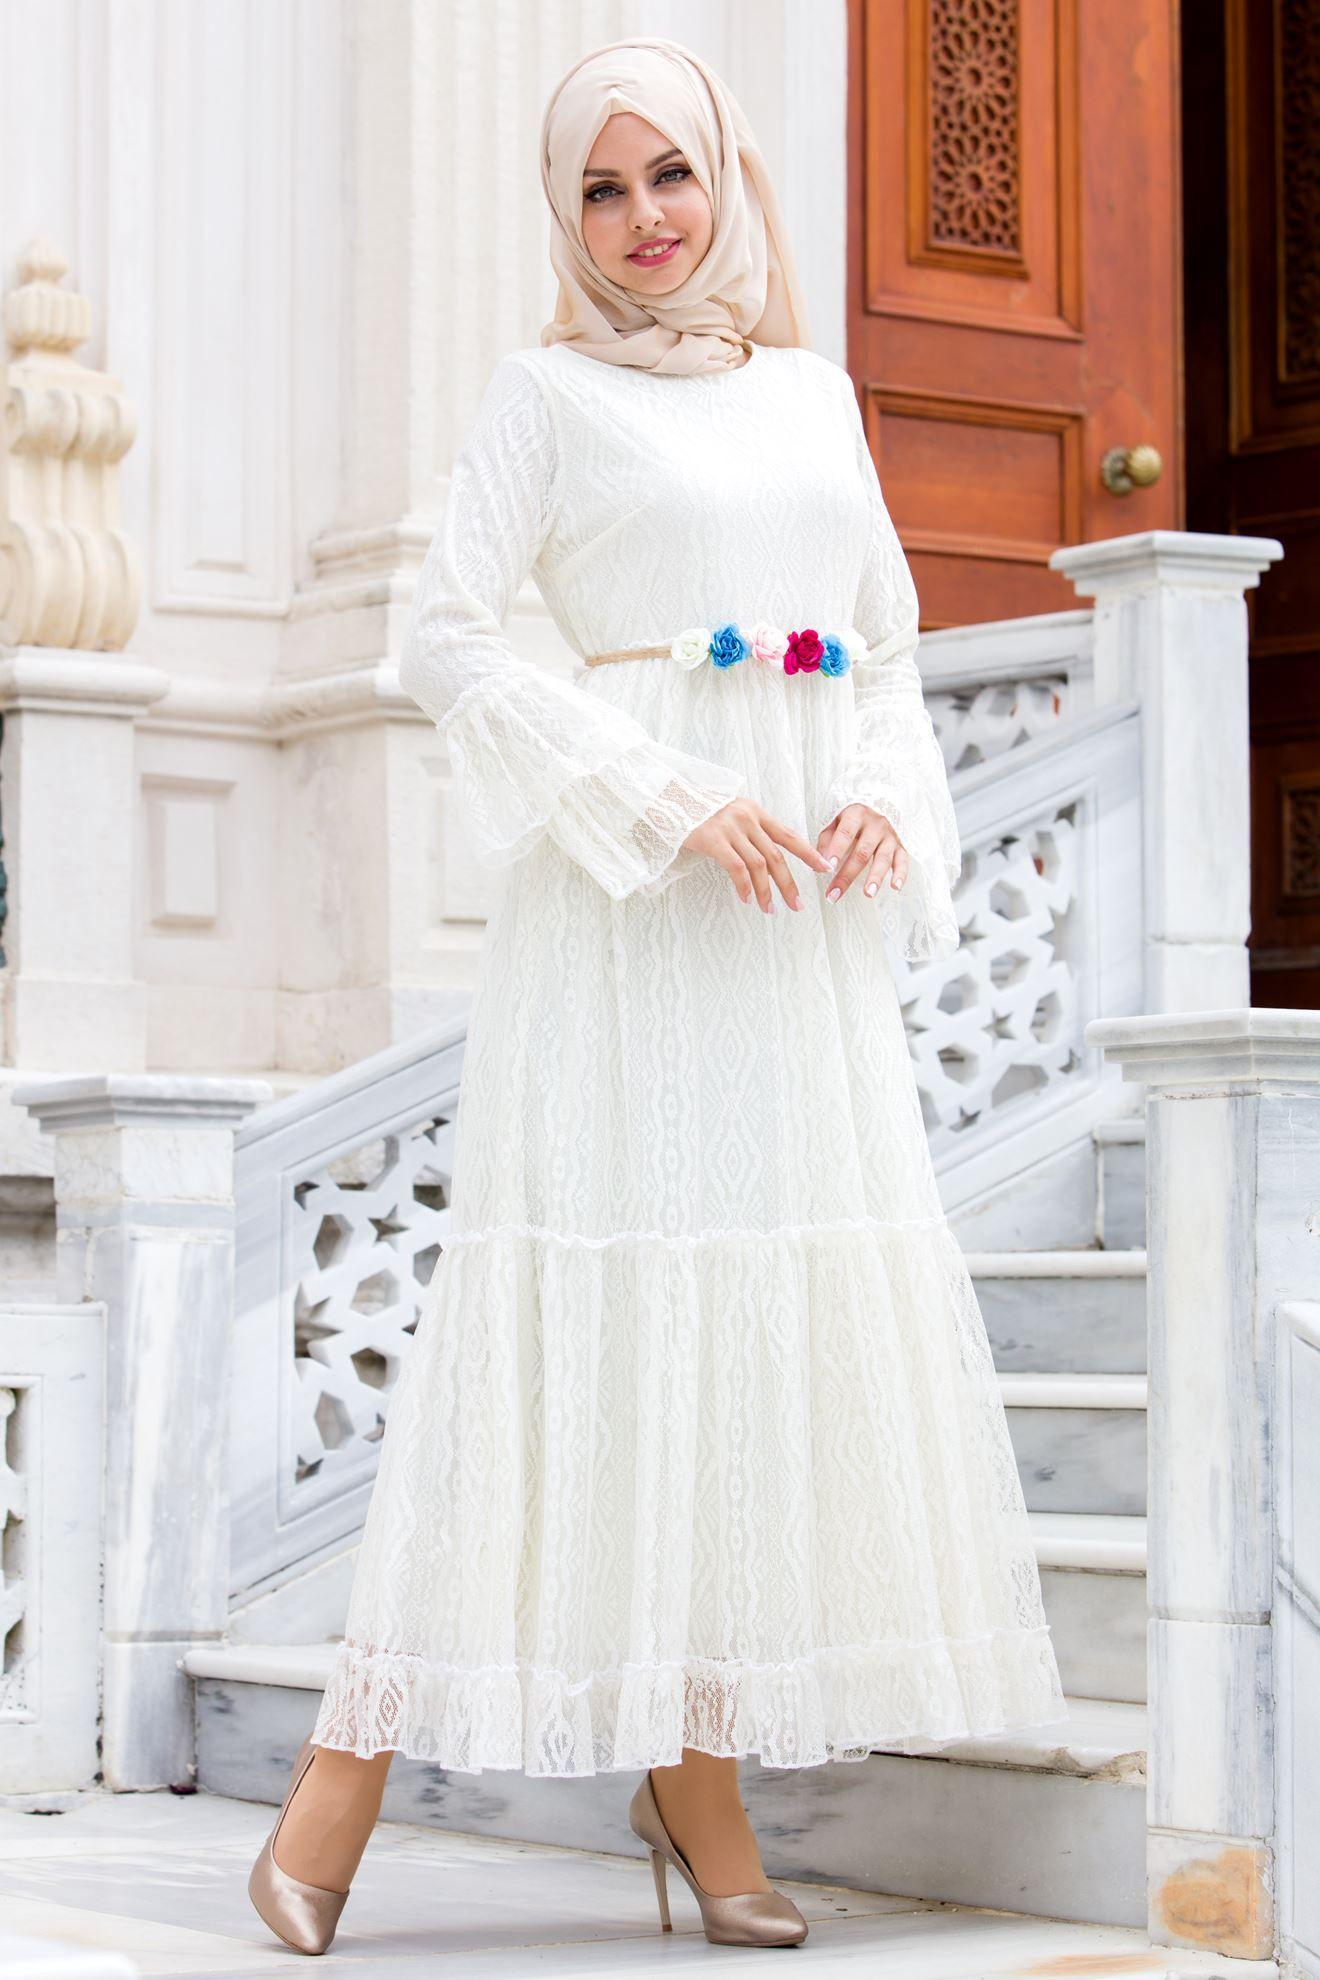 Sedanur Cicek Detayli Dantelli Tesettur Elbise Modelleri Moda Tesettur Giyim Elbise Modelleri Elbise Giyim